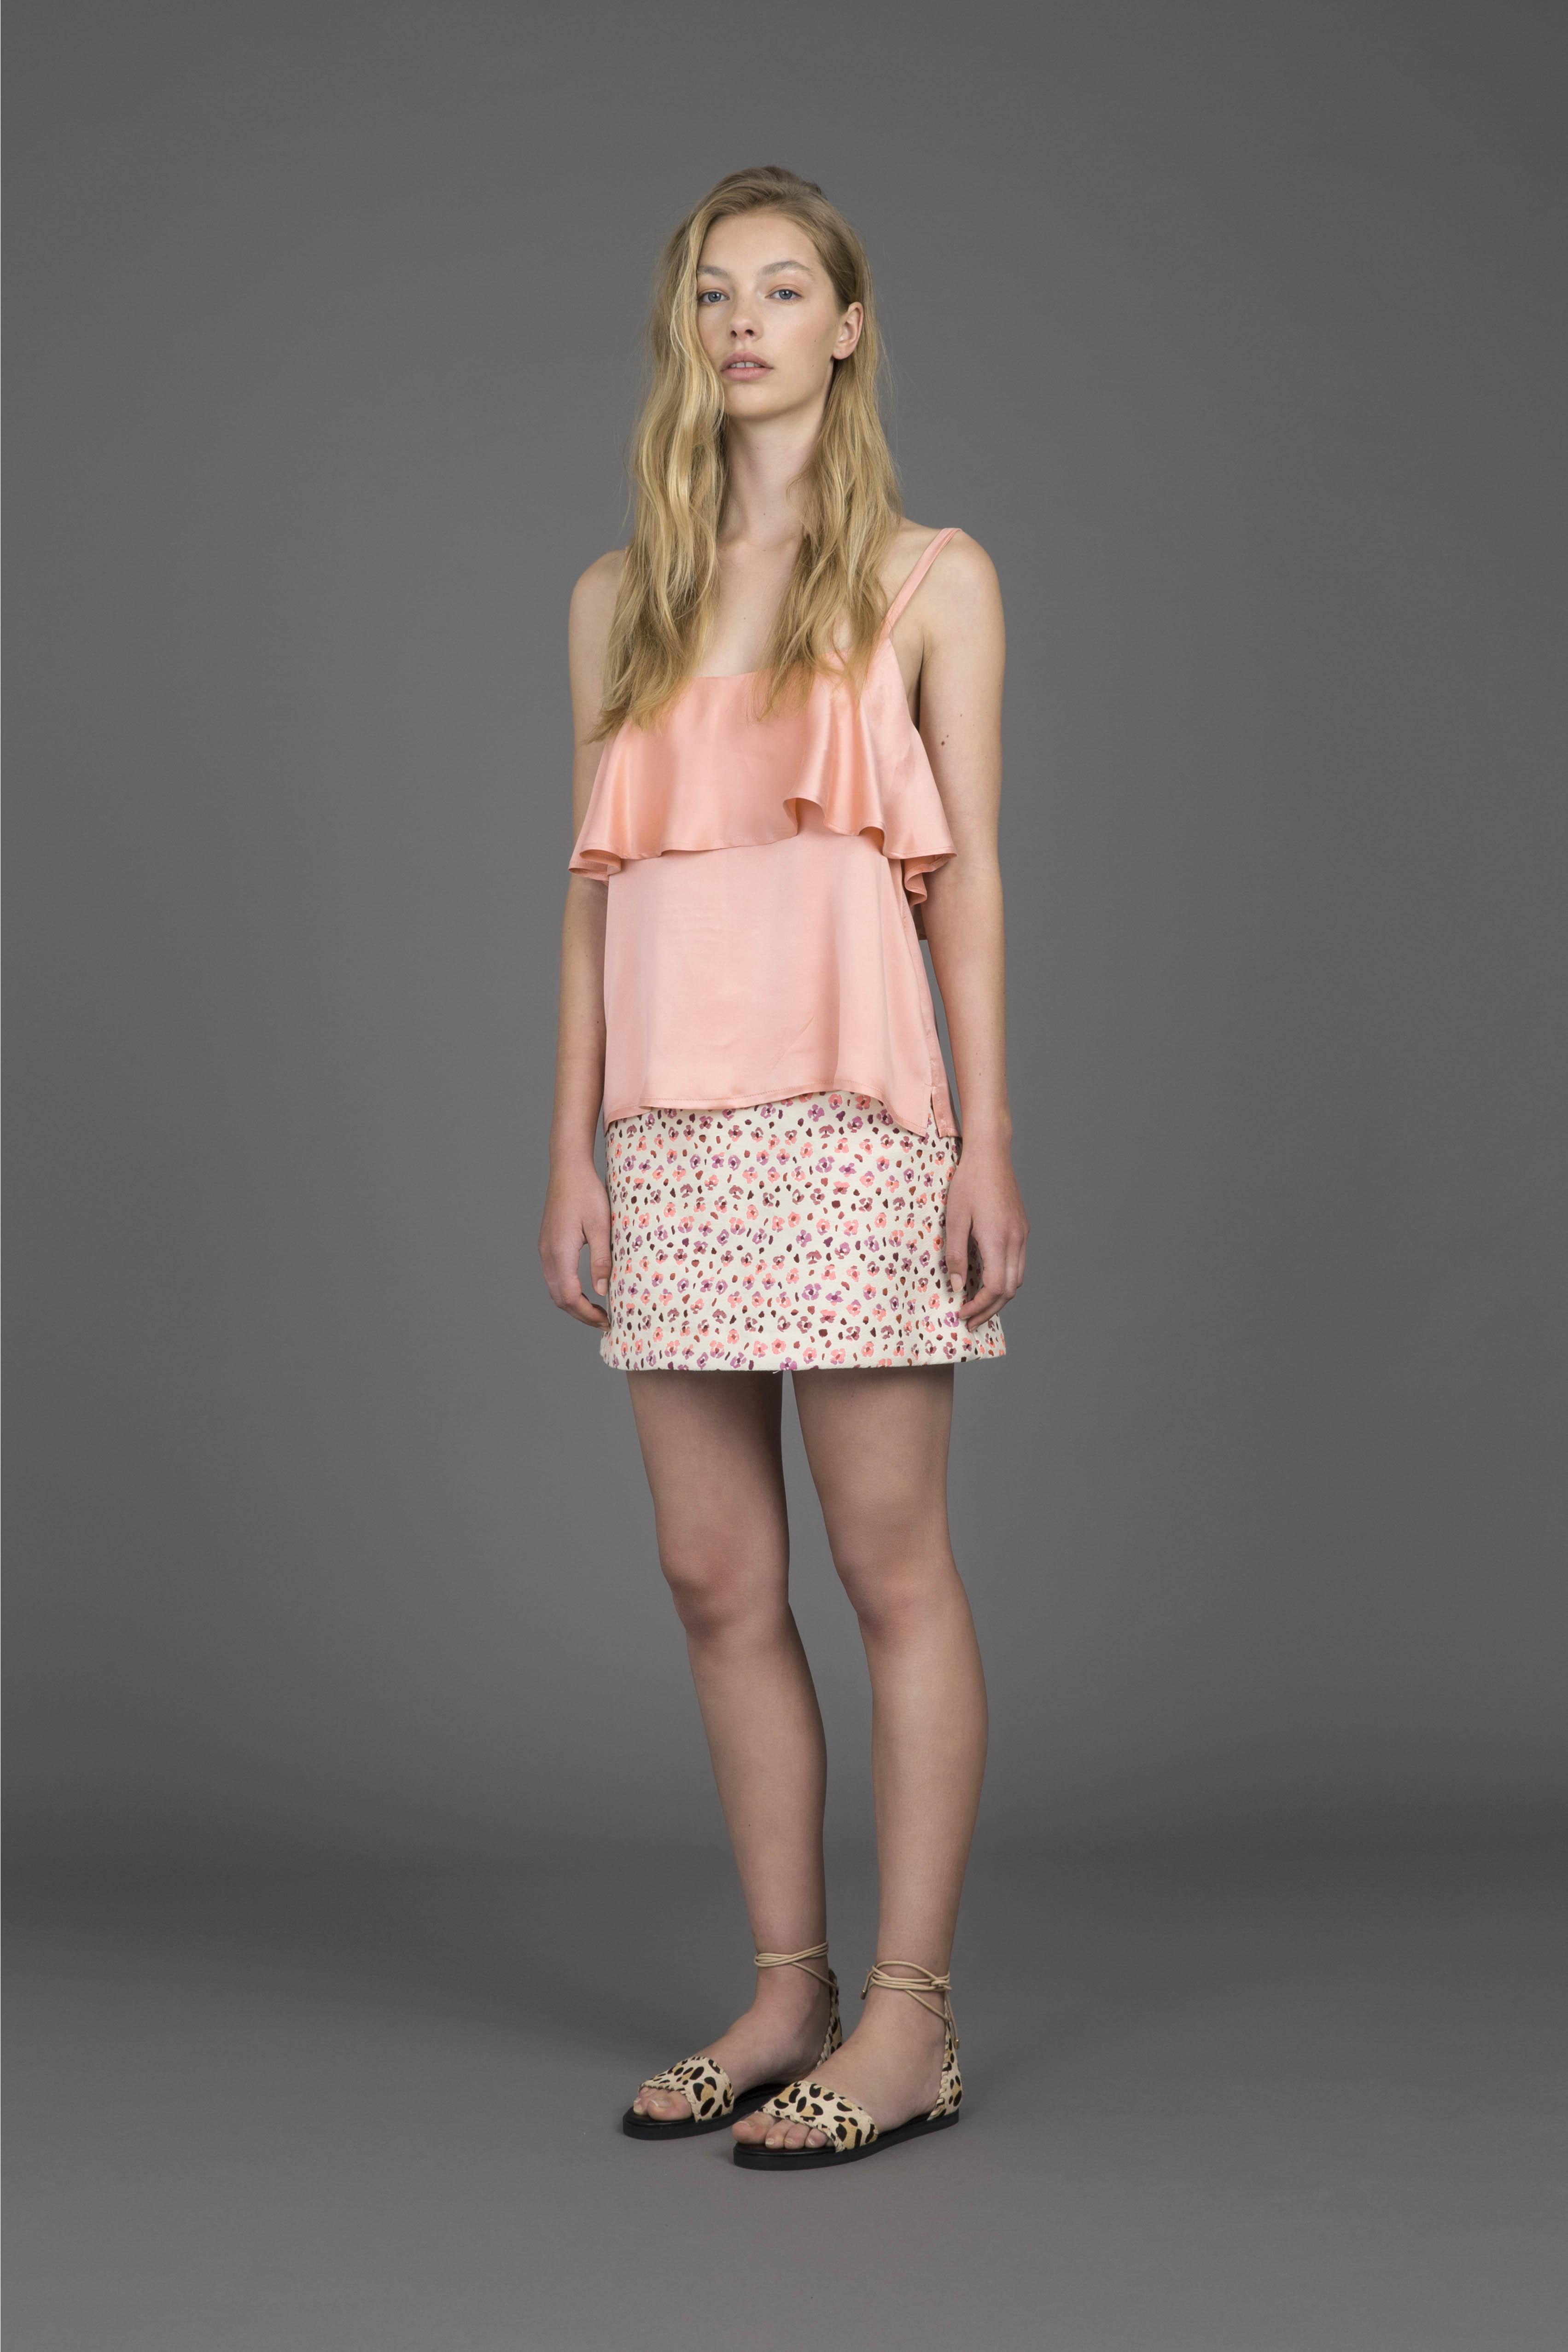 ruby-soleil-camisole-soleil-miniskirt